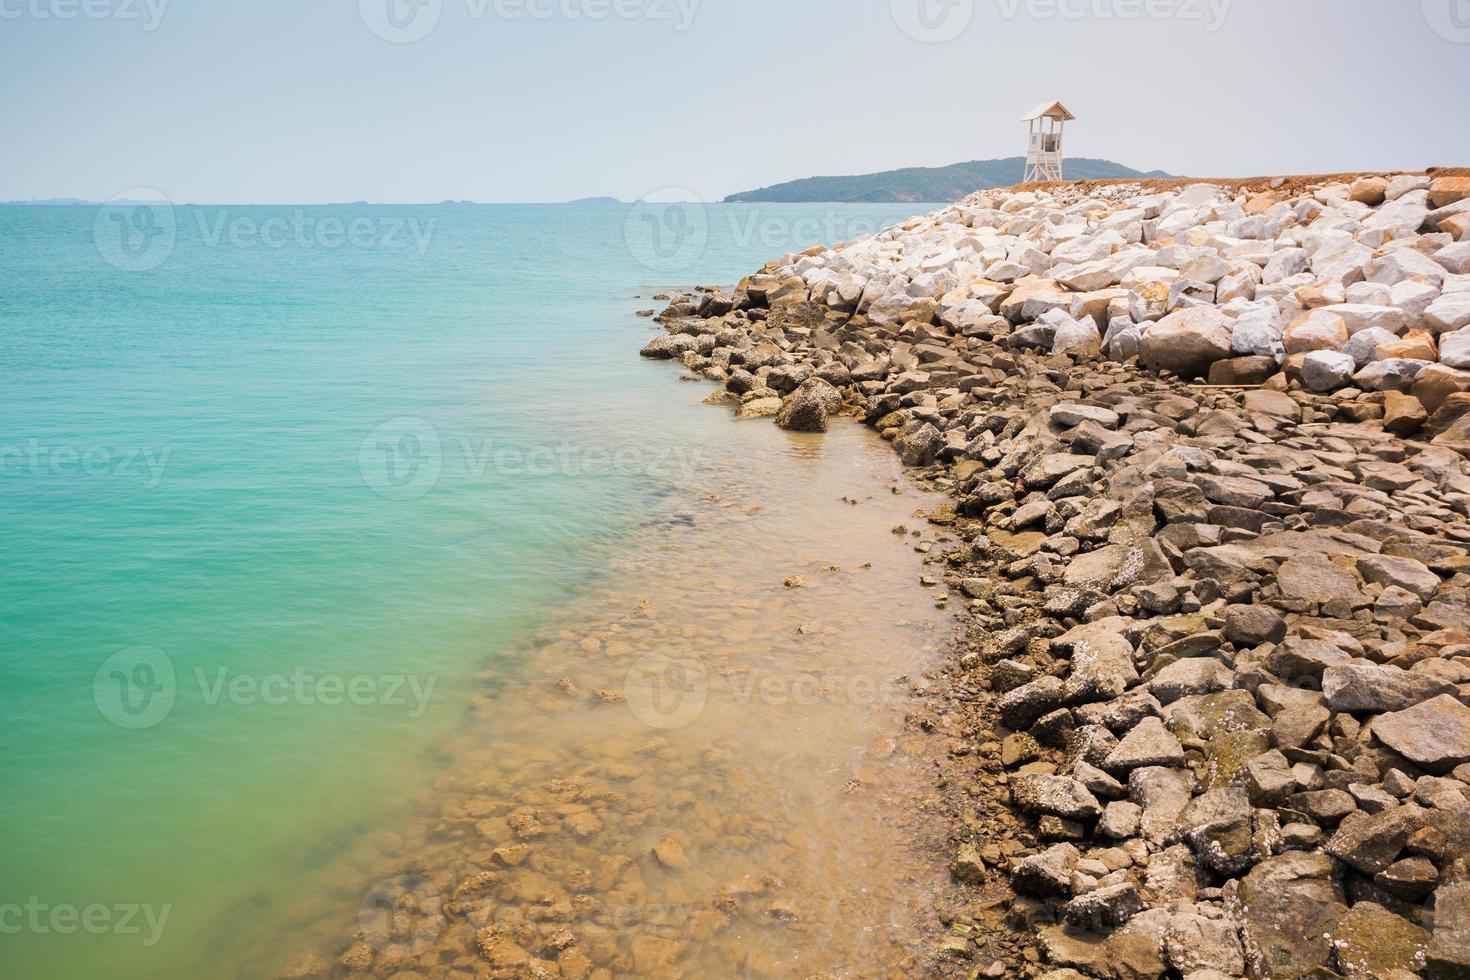 helderblauwe oceaan met een rotsachtige kust foto